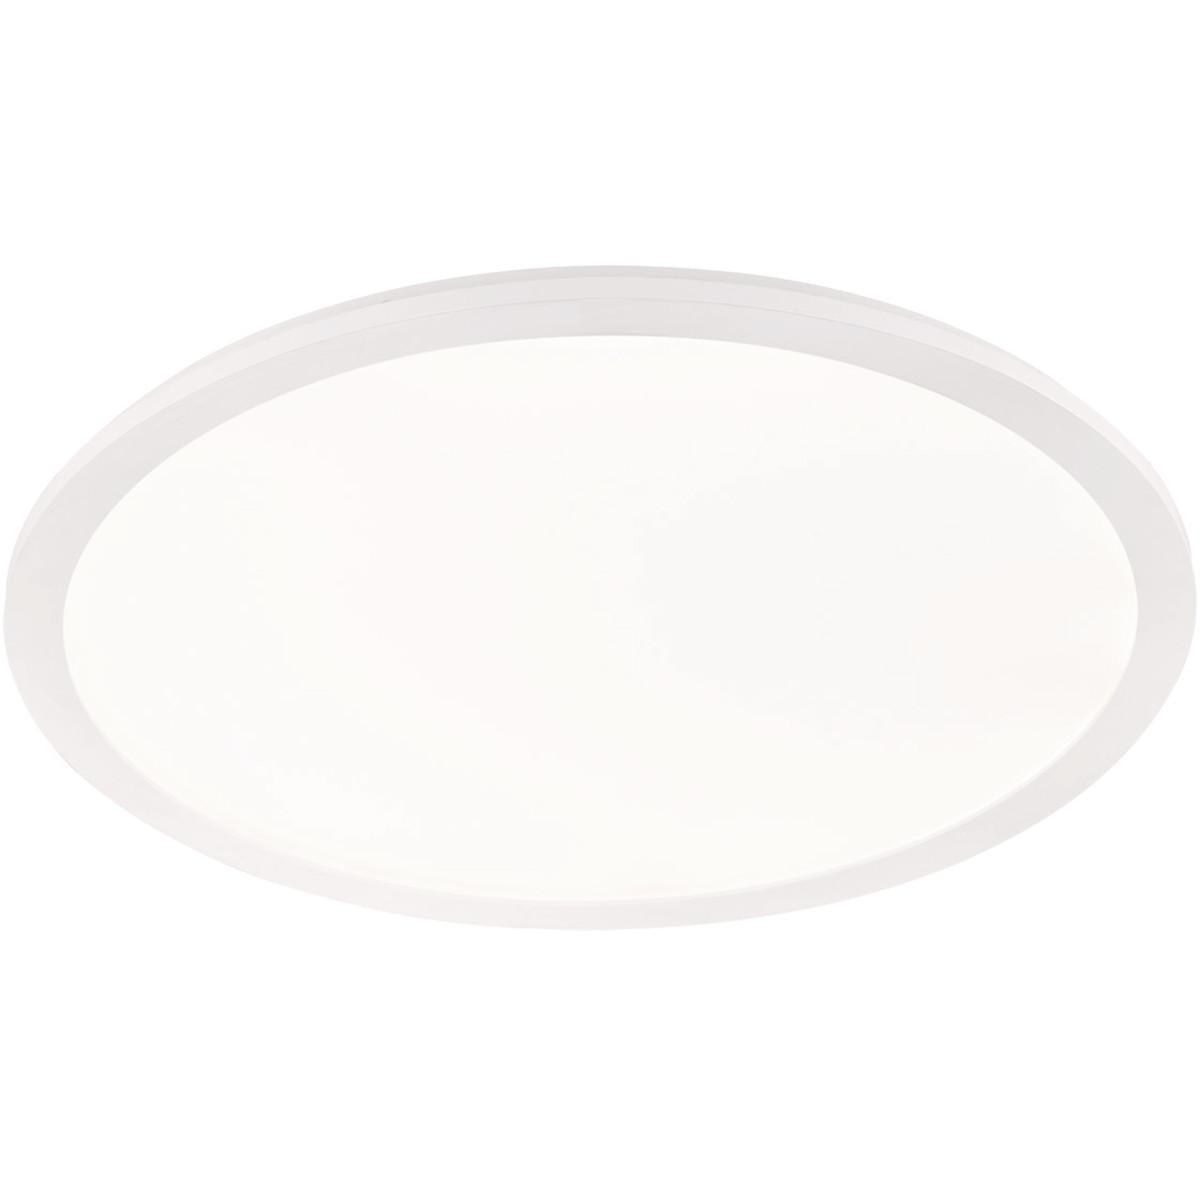 LED Plafondlamp - Trion Camy - Opbouw Rond 30W - Spatwaterdicht IP44 - Dimbaar - Warm Wit 3000K - Ma